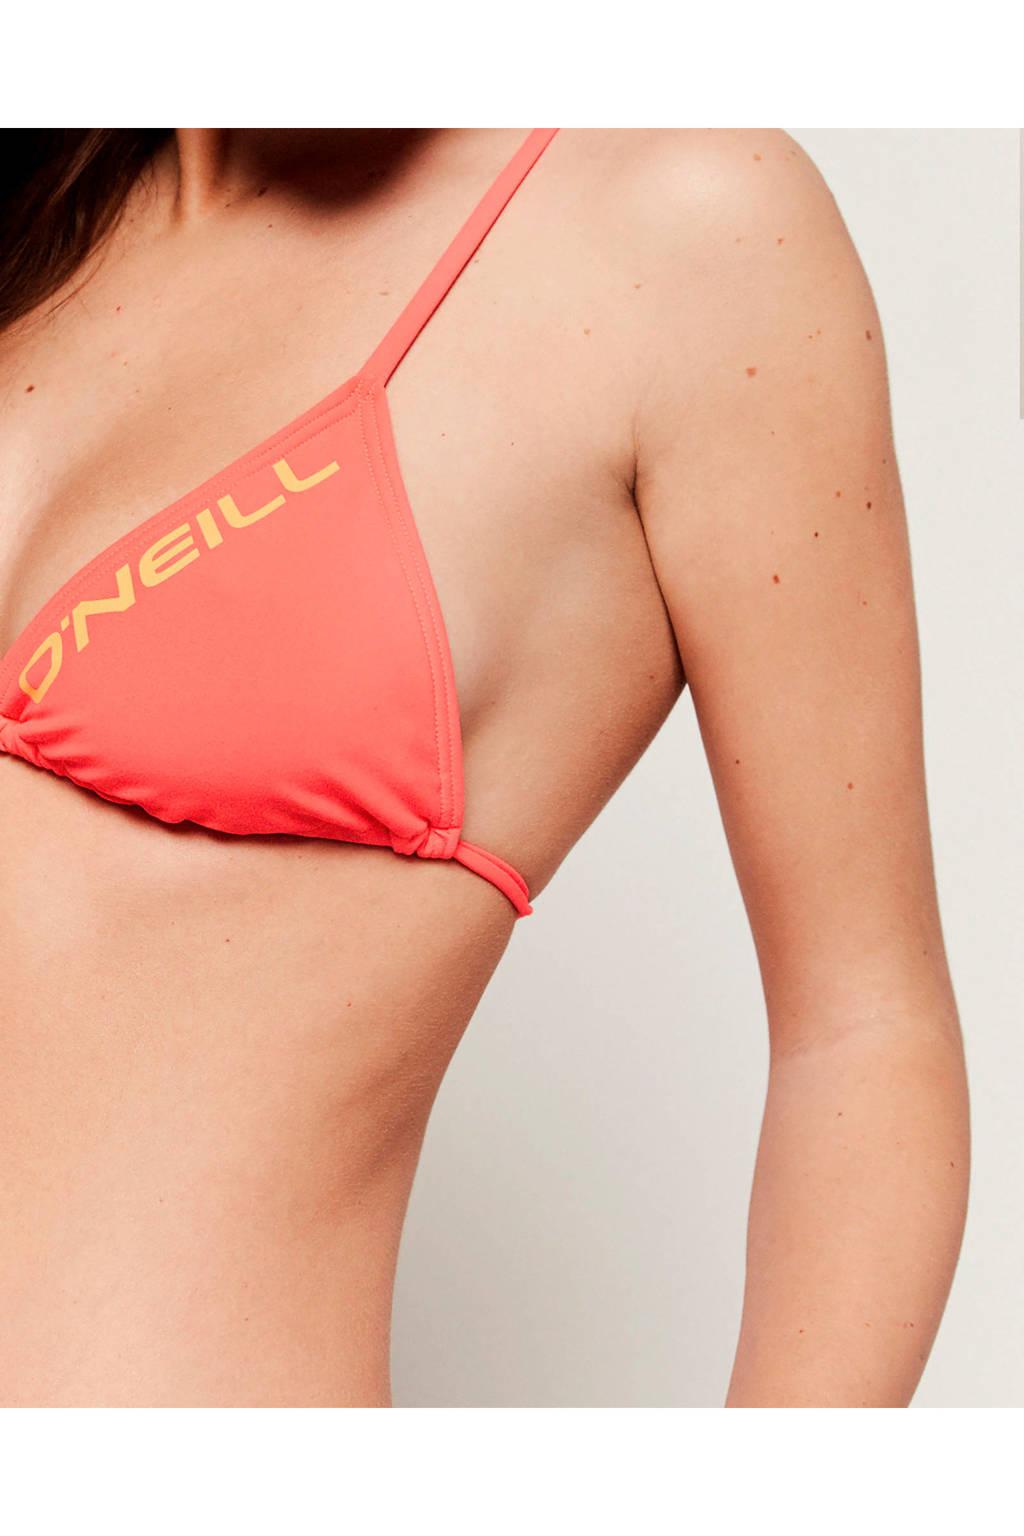 O'Neill triangel bikinitop Capri Re-Issue tweekleurig roze, Roze/oranje